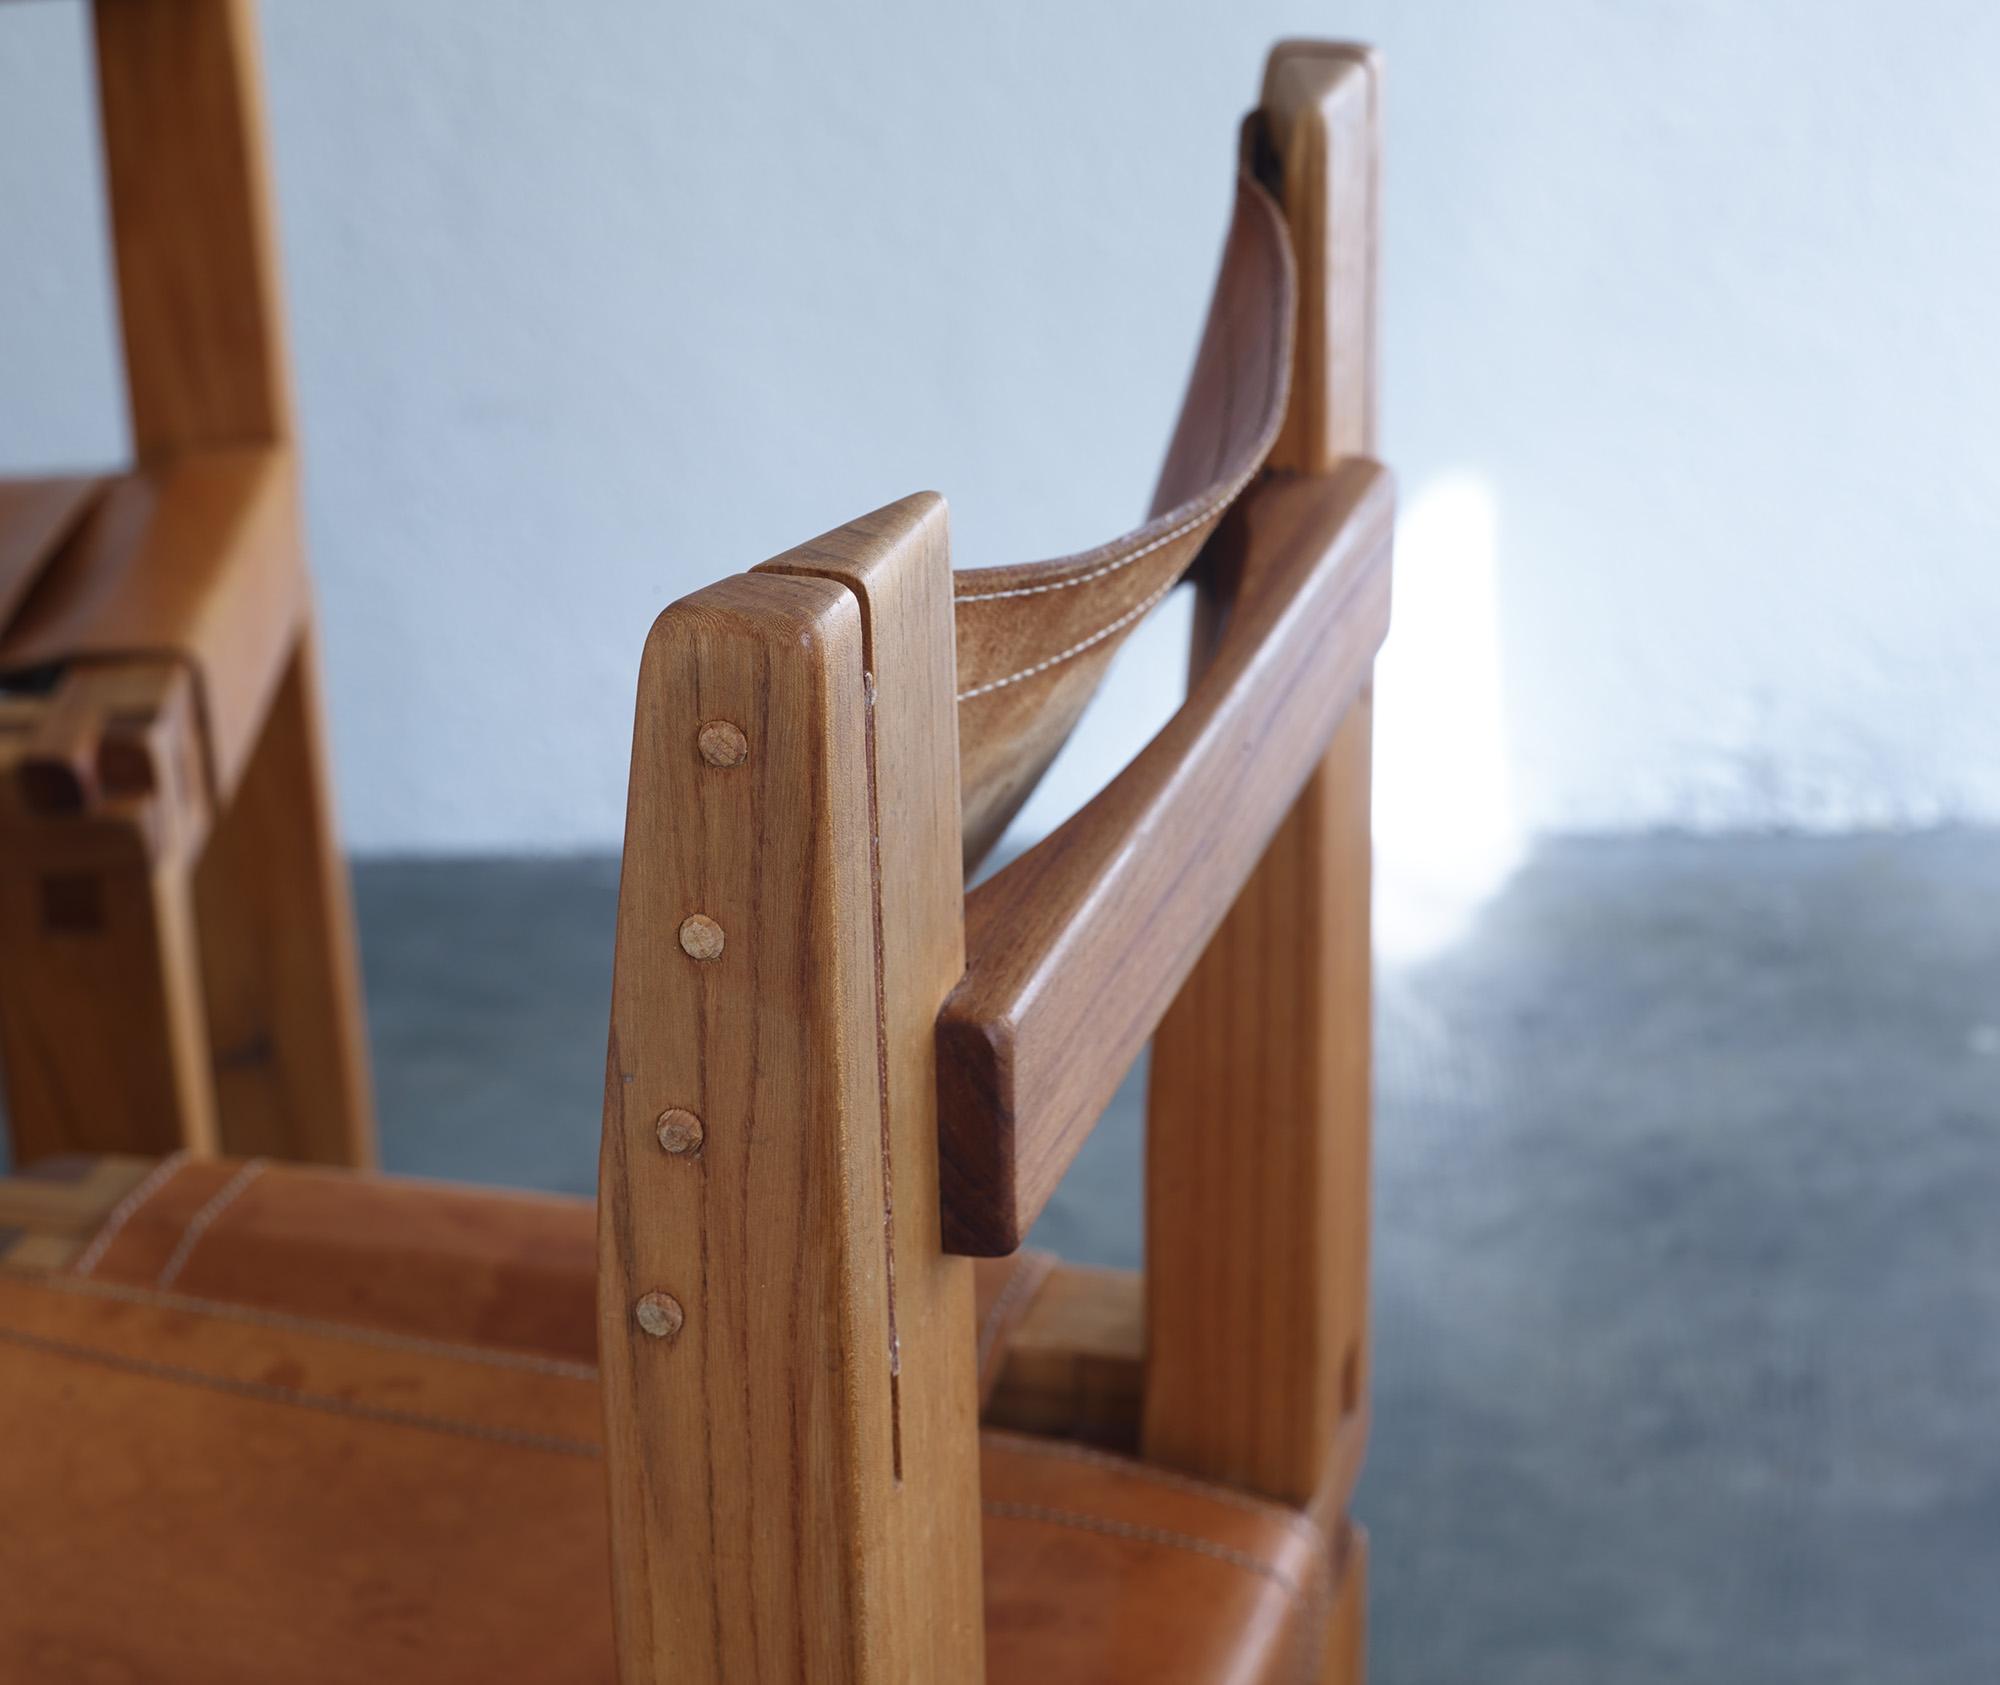 6-chaises-s11-de-pierre-chapo-image-08